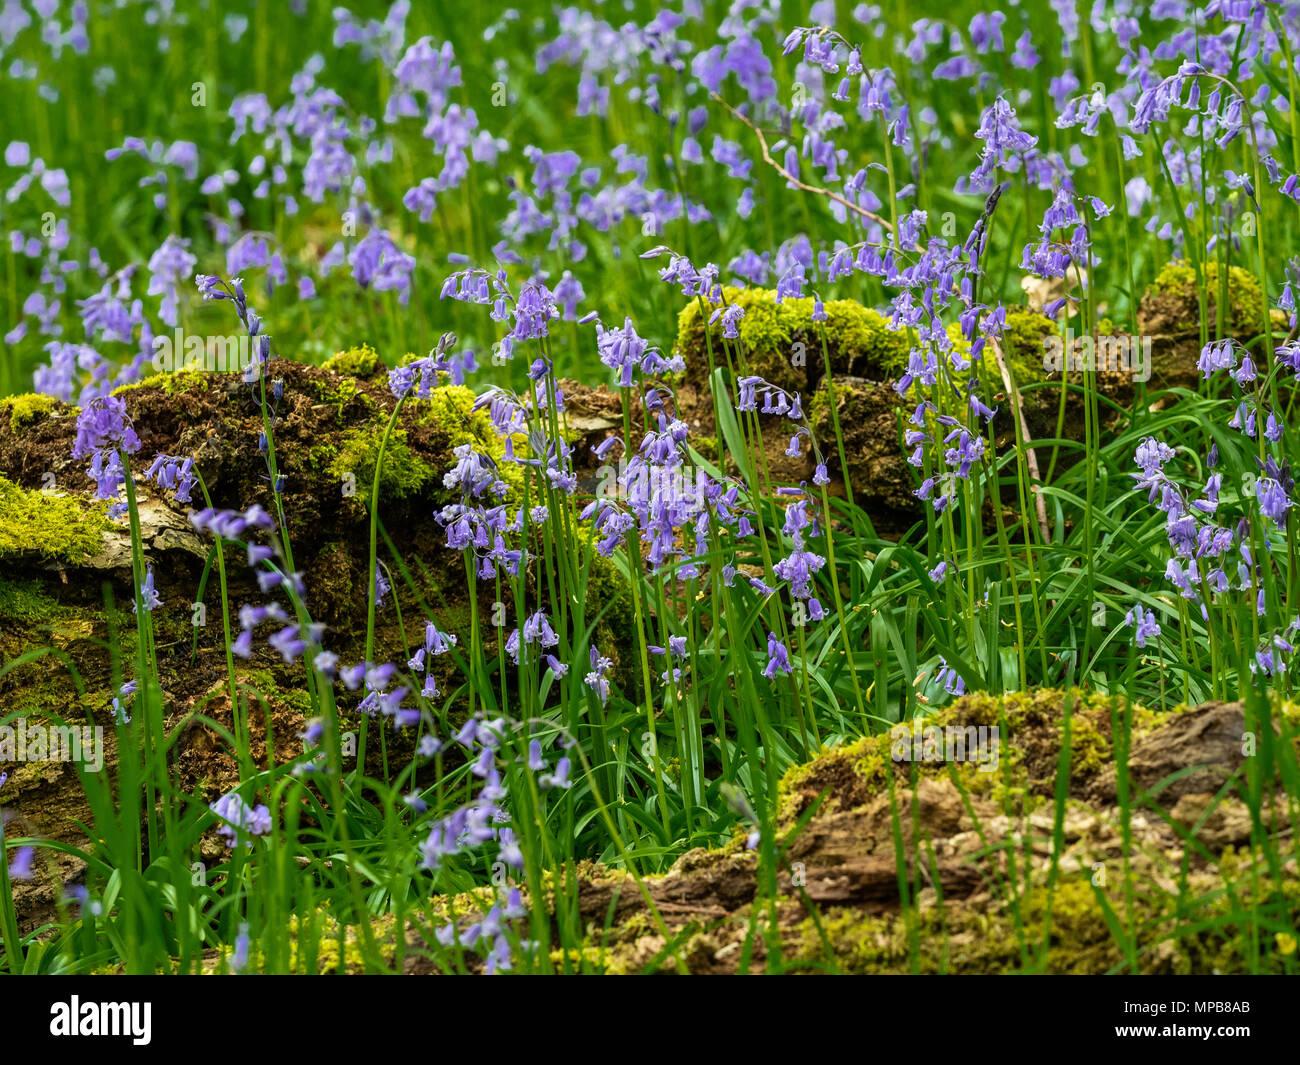 Der Teppich von intensiven blauen unter Baumkronen ist eines unserer größten Waldgebiet Brillen im Frühling Stockbild